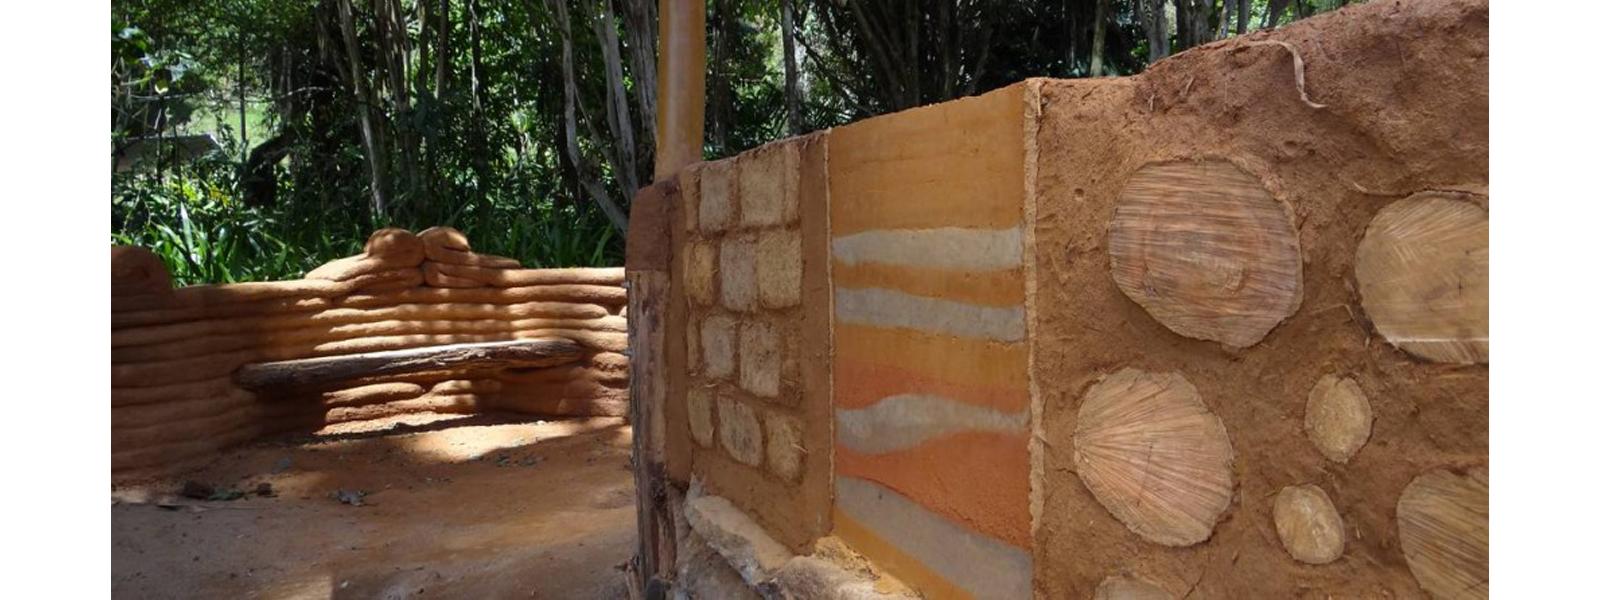 curso-de-habitações-sustentáveis-com-bioconstrução-2